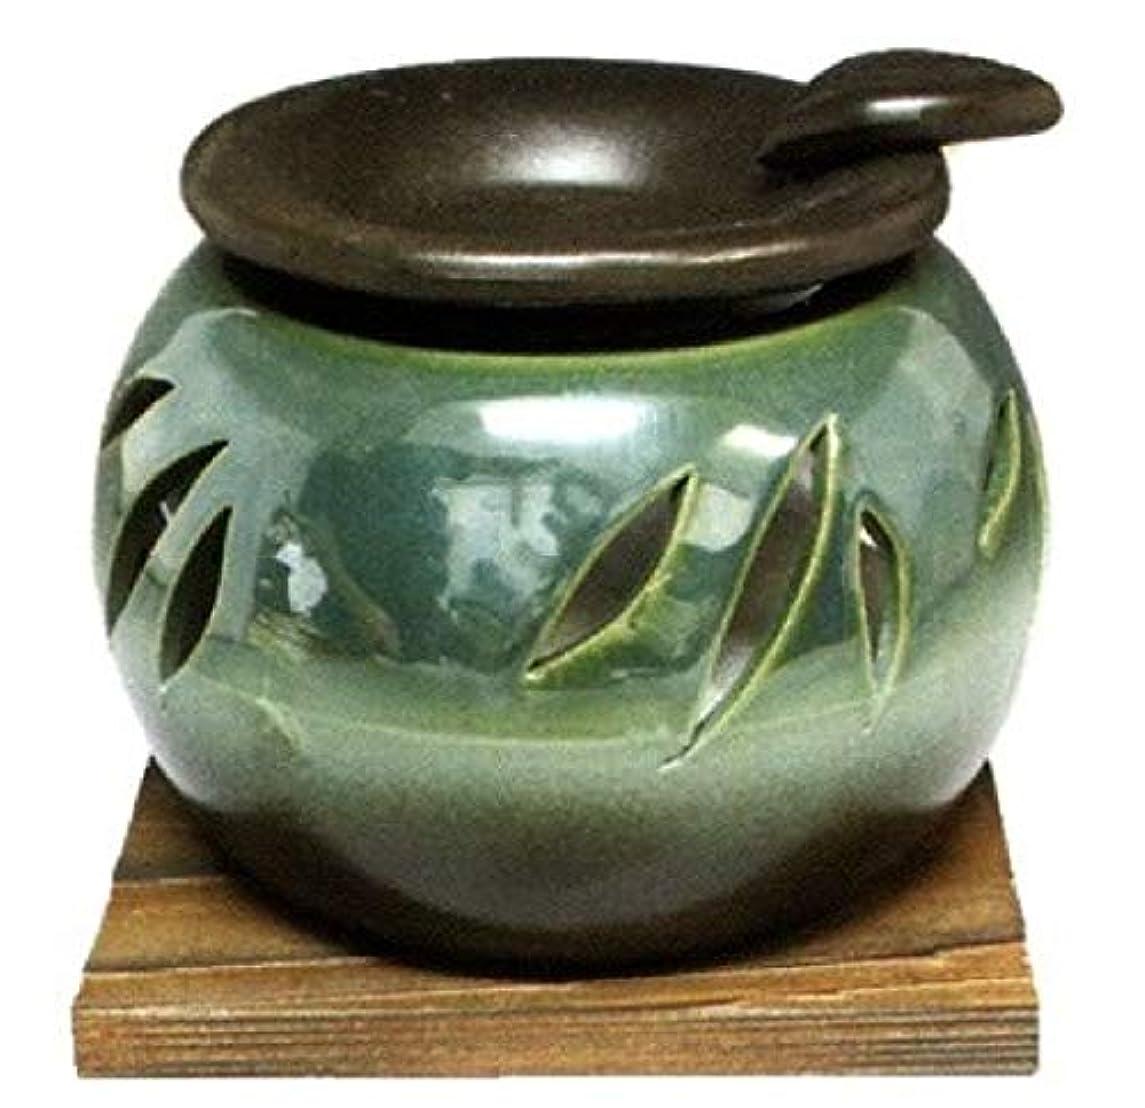 クール泣くセンチメンタル常滑焼?山房窯 カ40-10 茶香炉 杉板付 約φ11.3×8.4cm